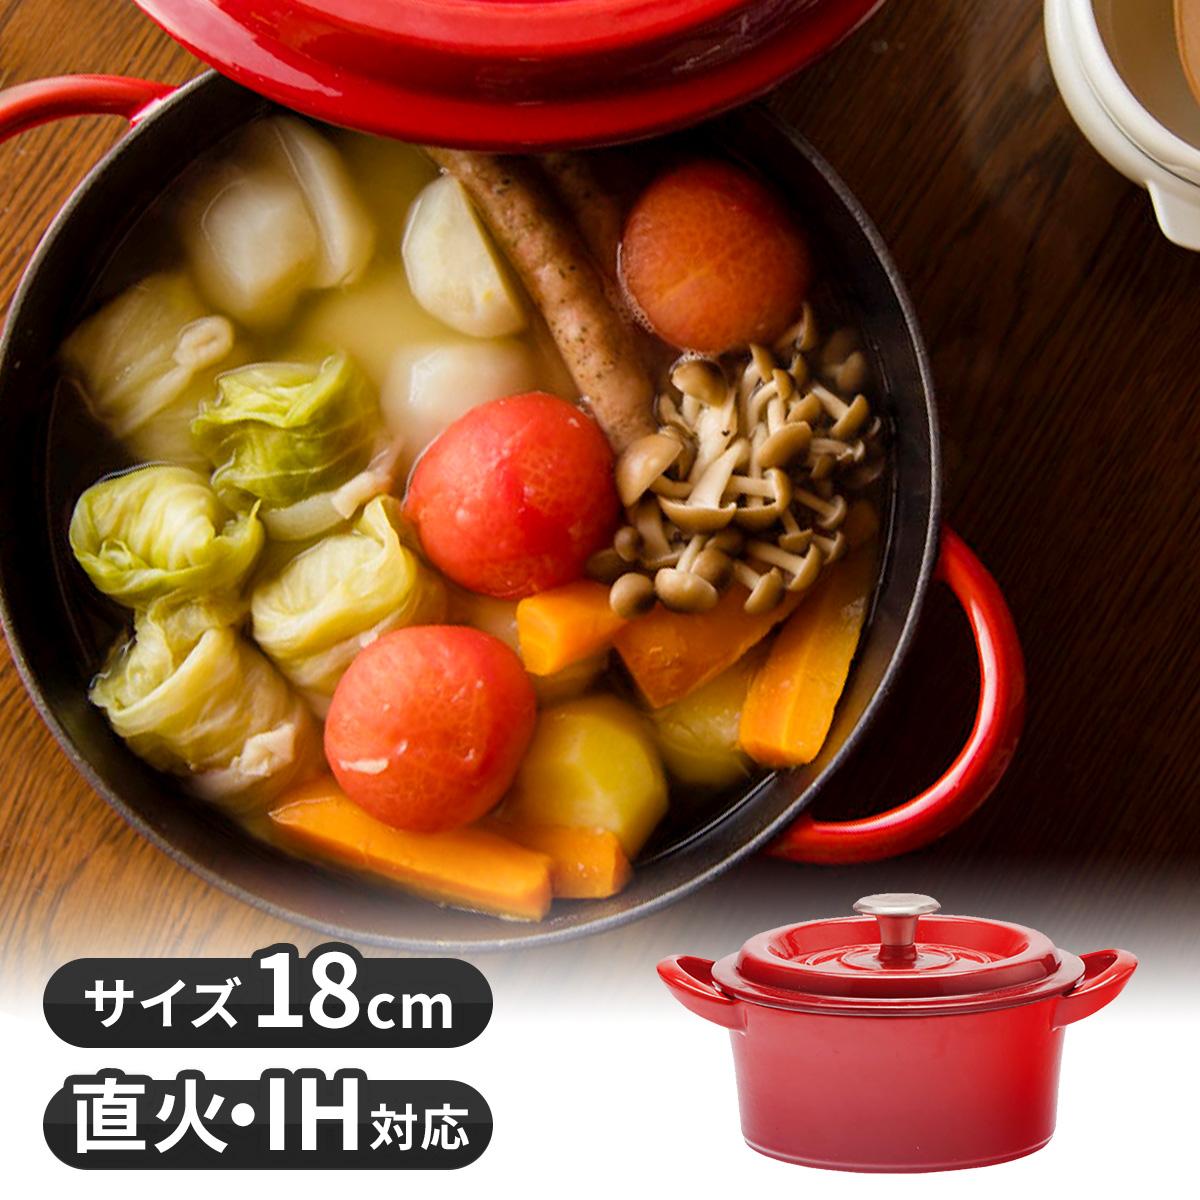 グッドプラス キャストポット18�レッド(鉄鋳物ホーロー鍋)